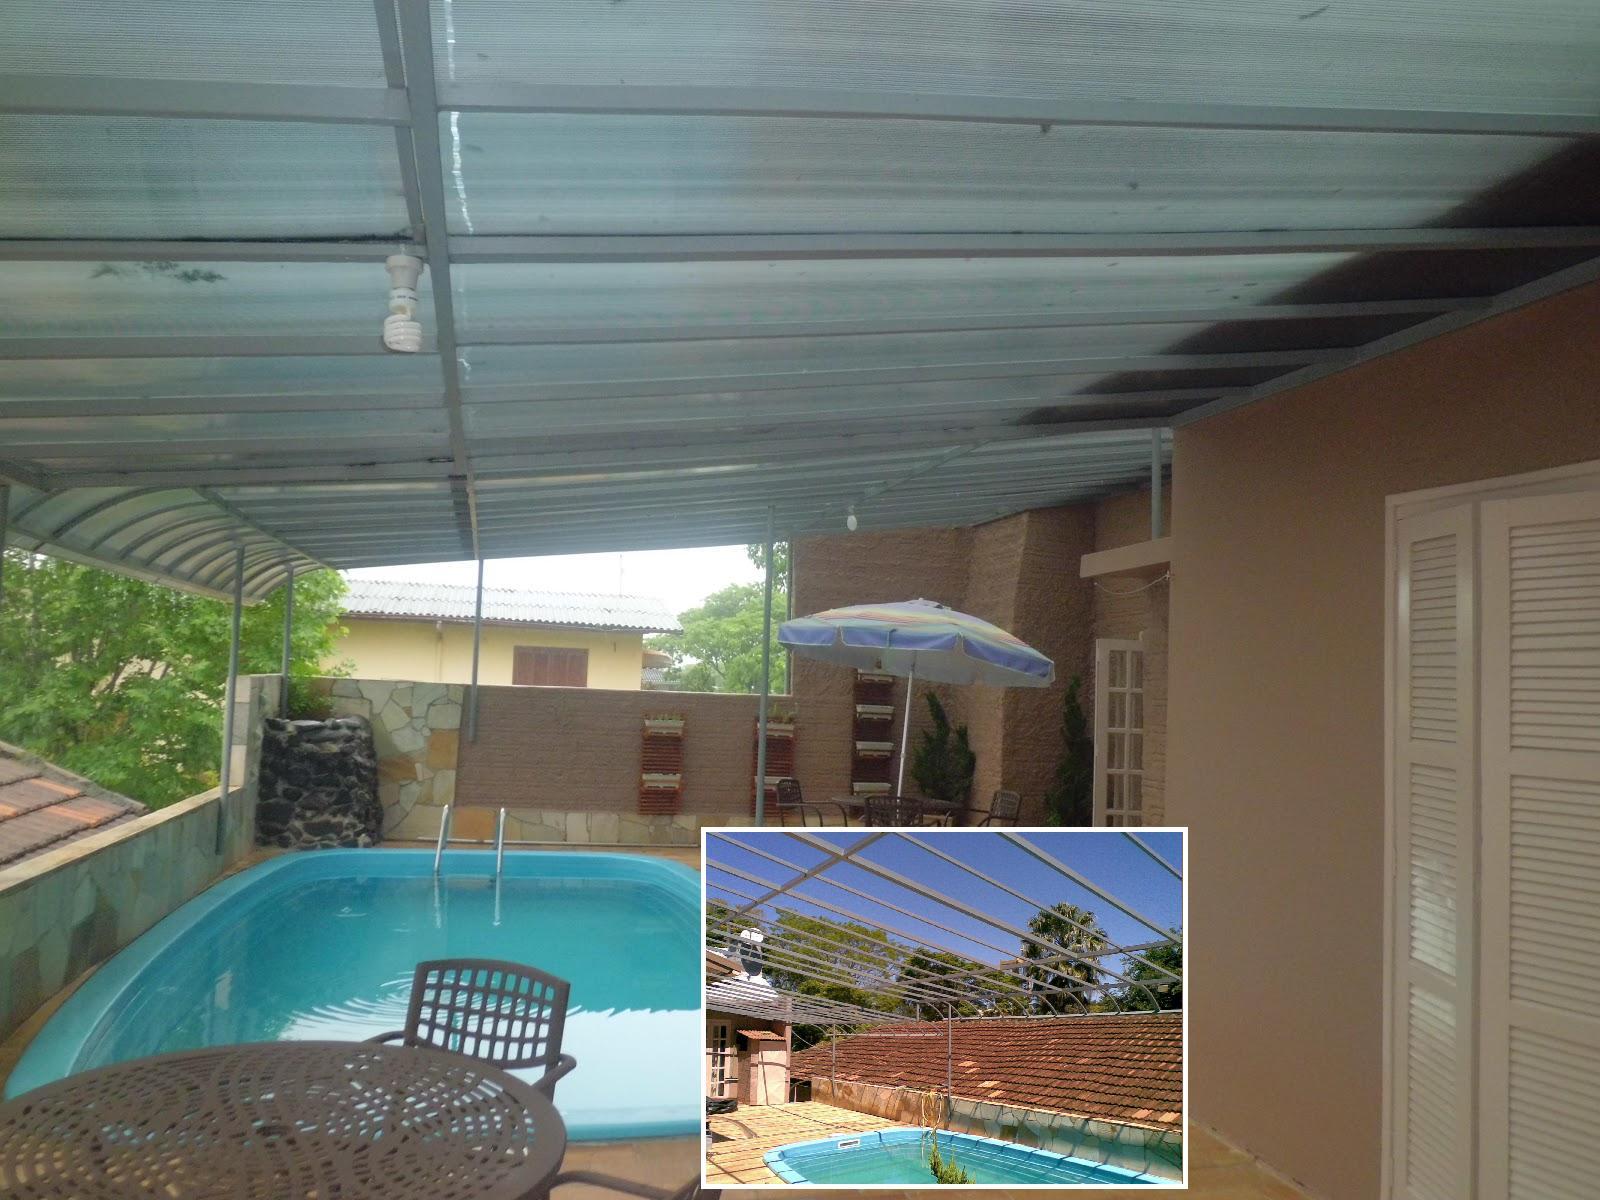 Cobertura fixa para piscina for Toldos para piscinas